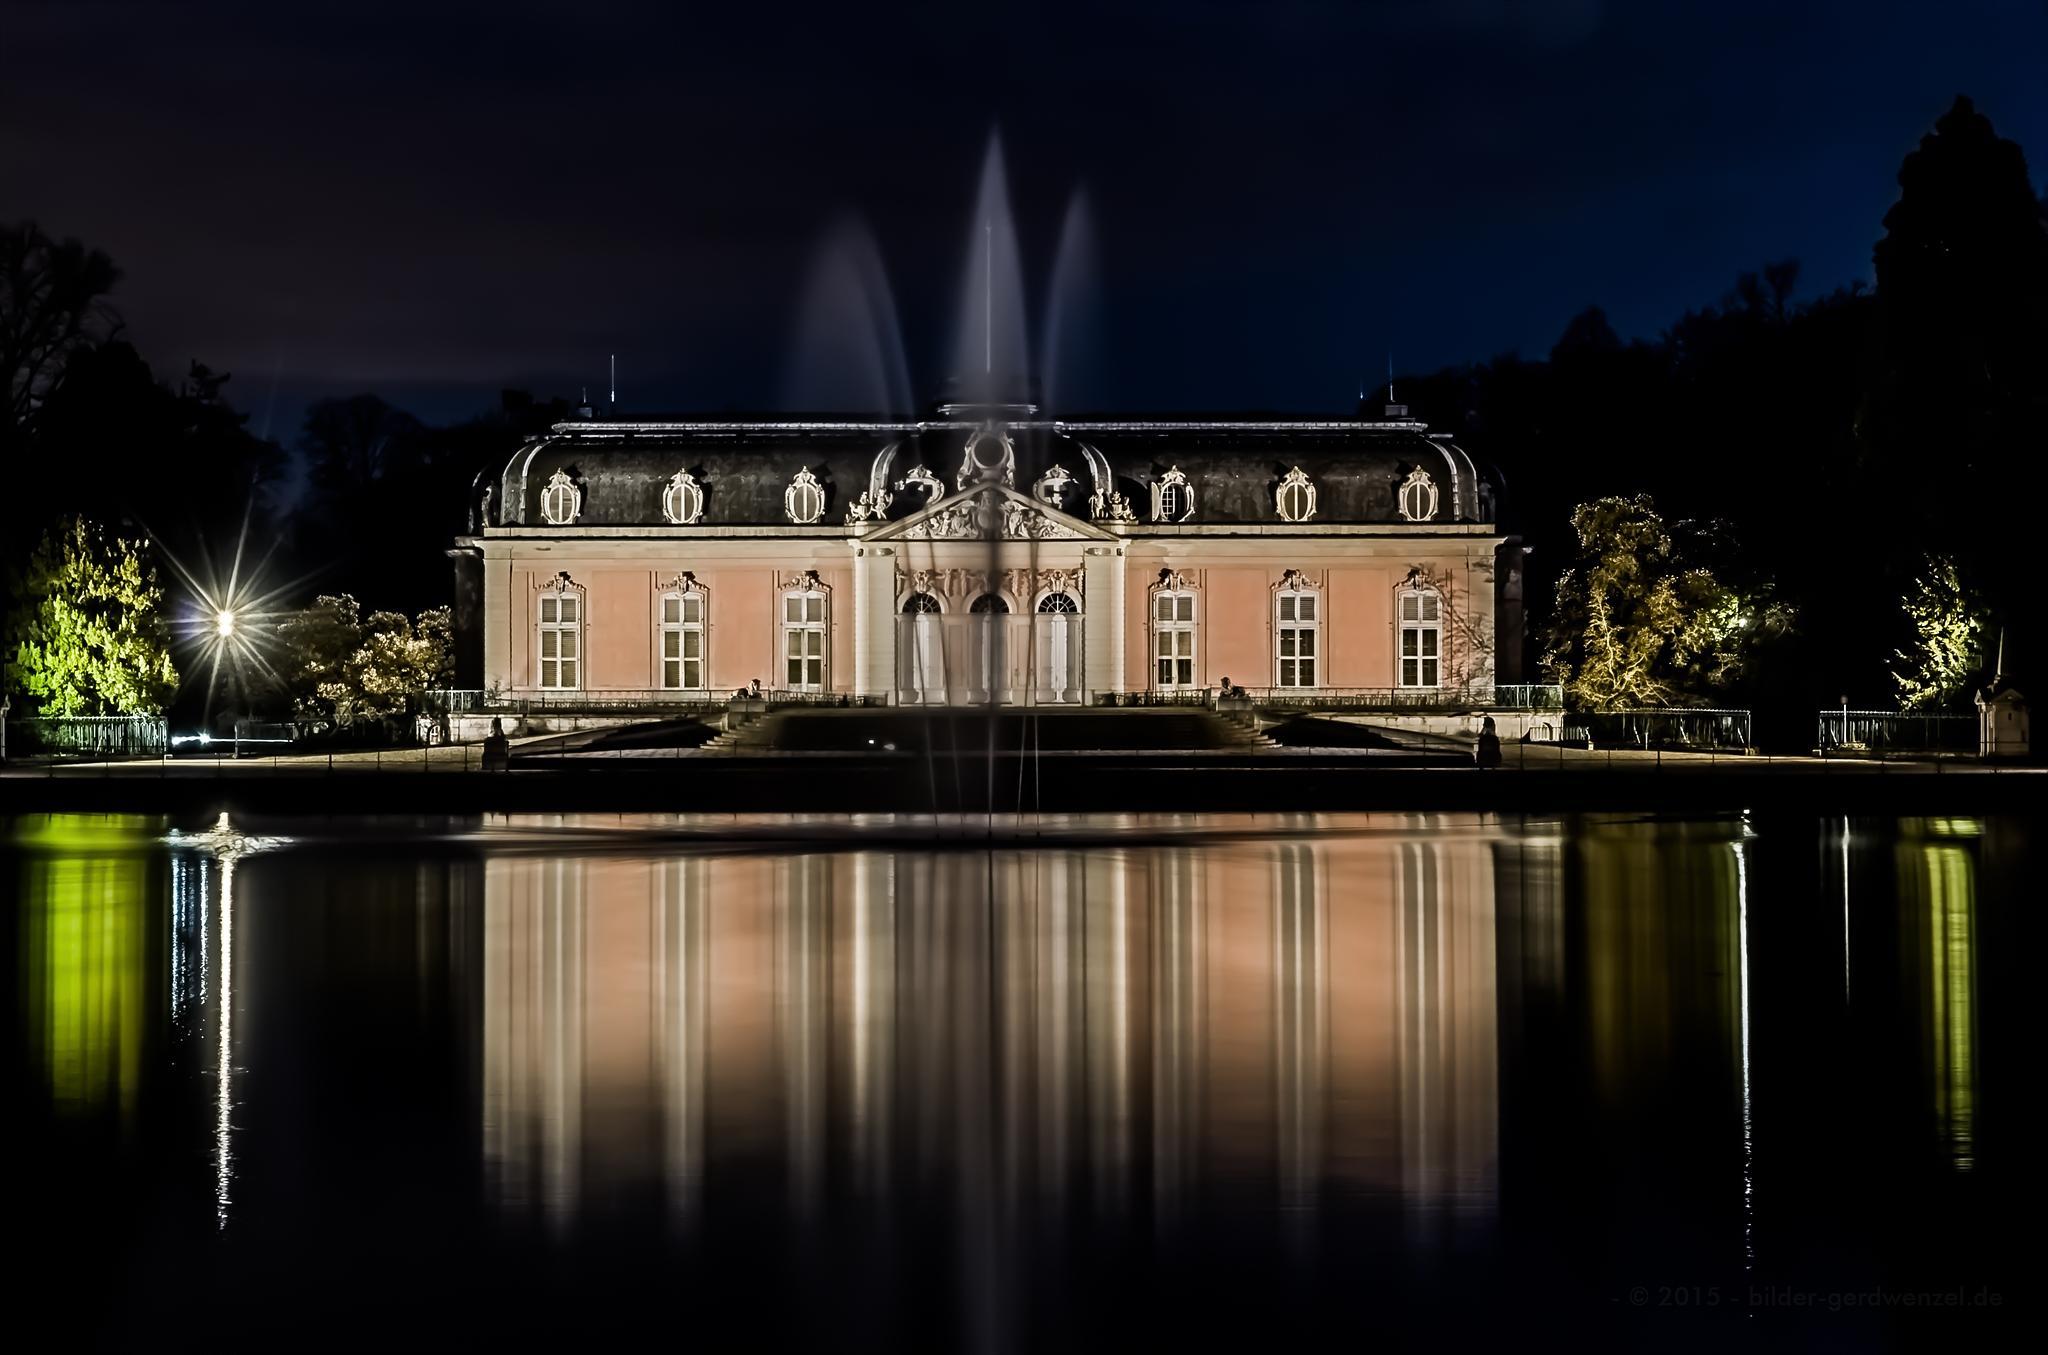 Schloss Benrath by Gerd Wenzel